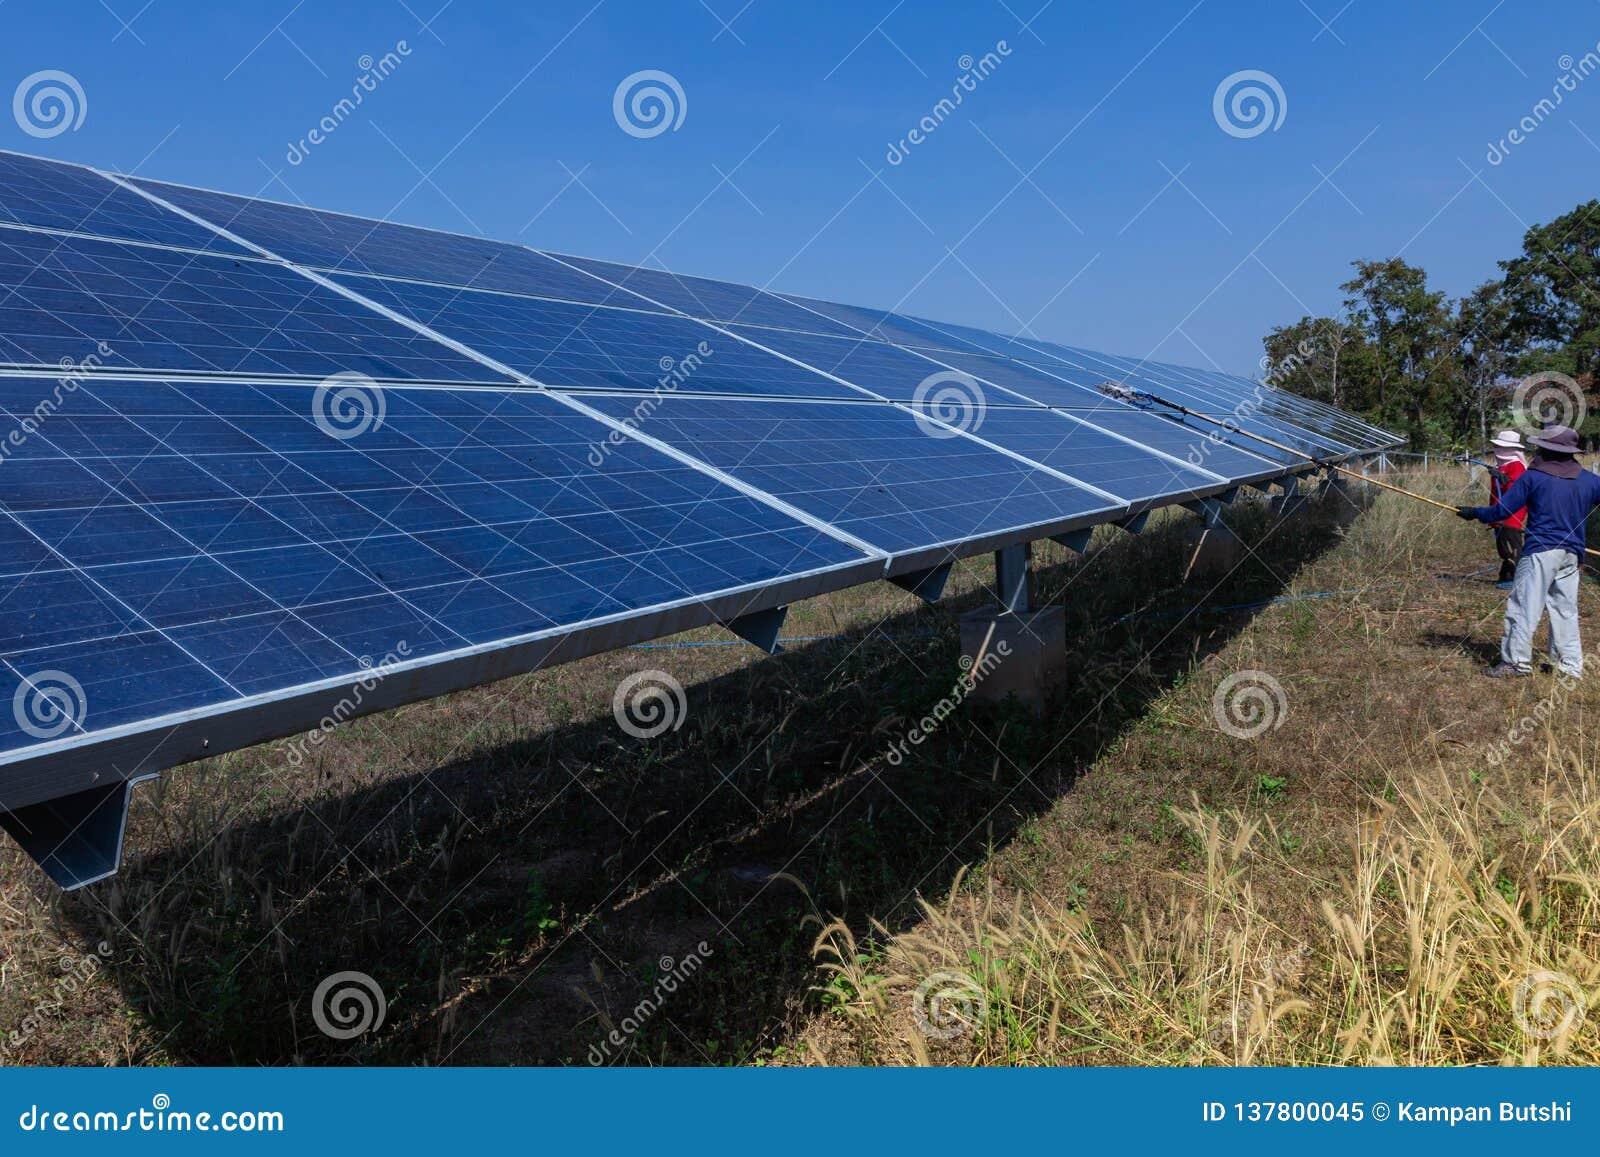 Pannello solare, fonte alternativa di elettricità - concetto delle risorse sostenibili, questo i sistemi di tracciamento del sole